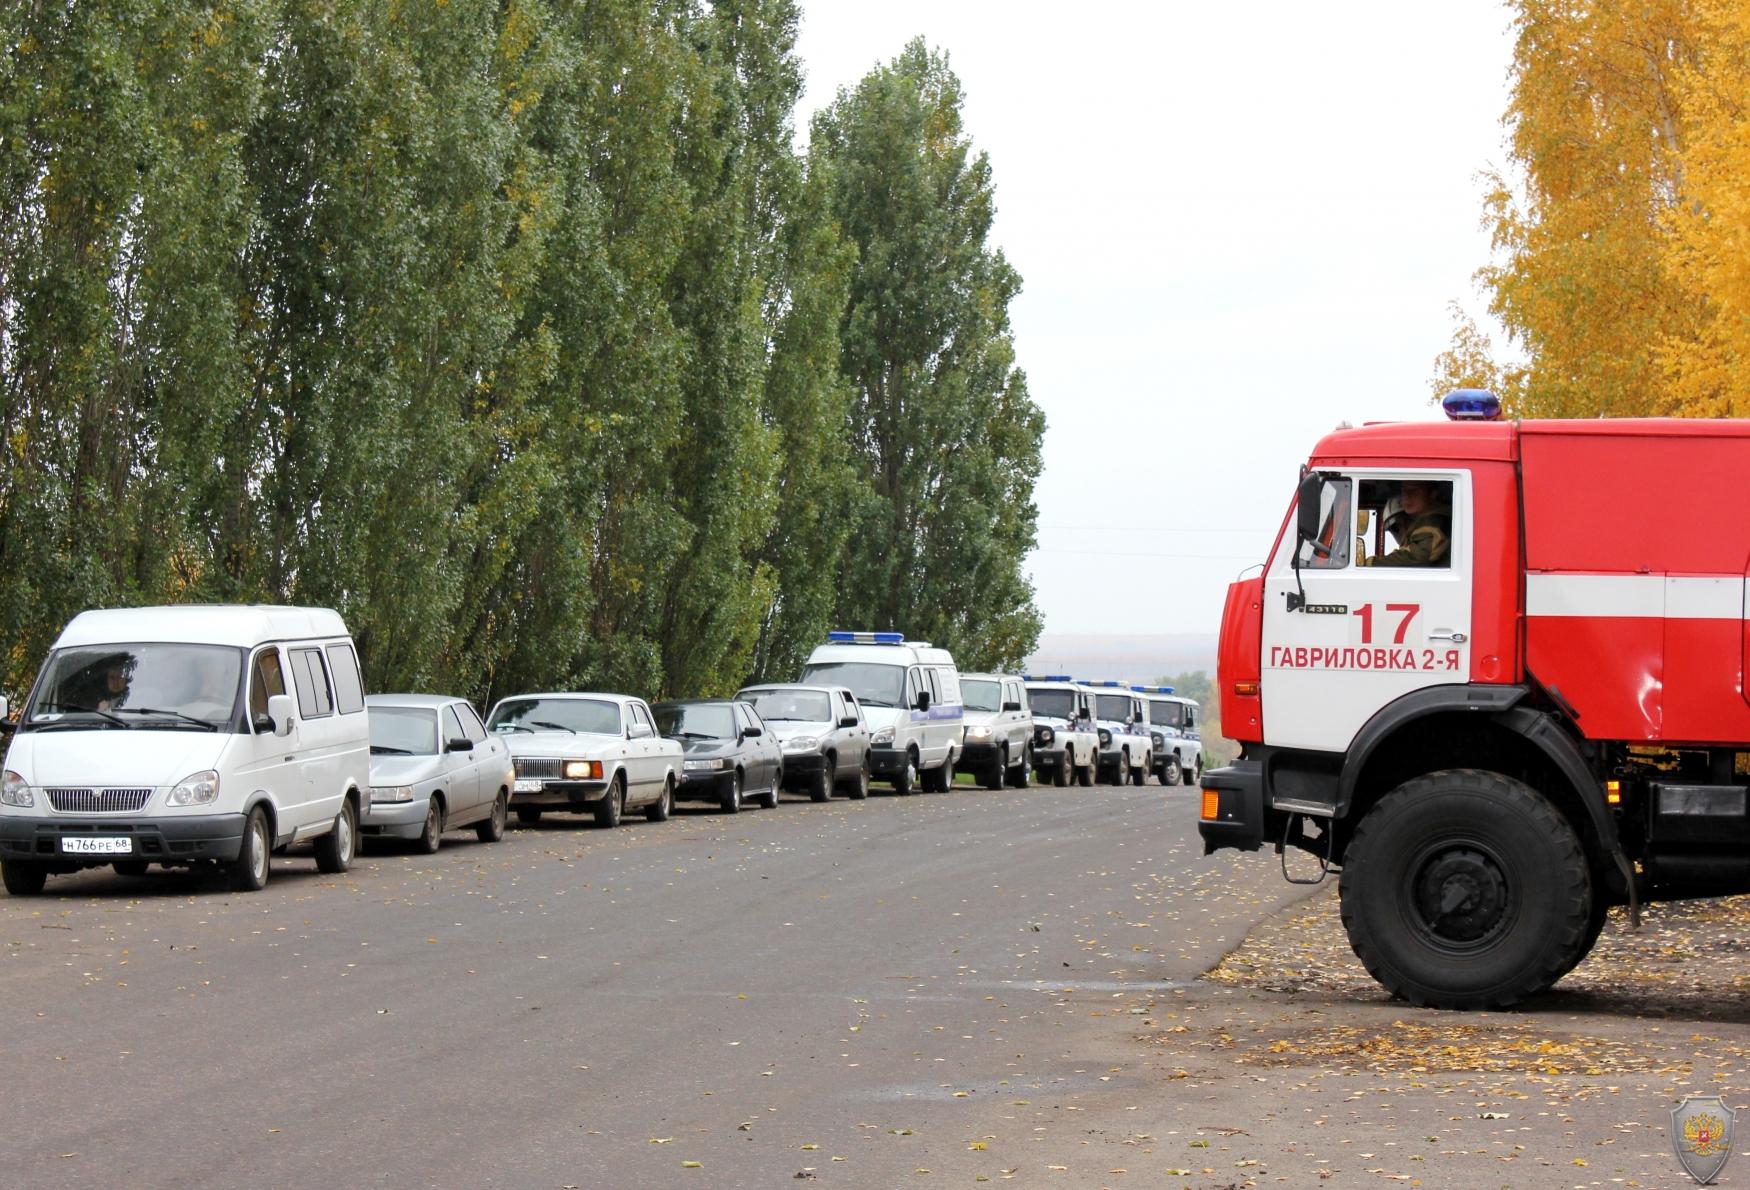 Район сосредоточения сил и средств оперативной группы в Гавриловском районе